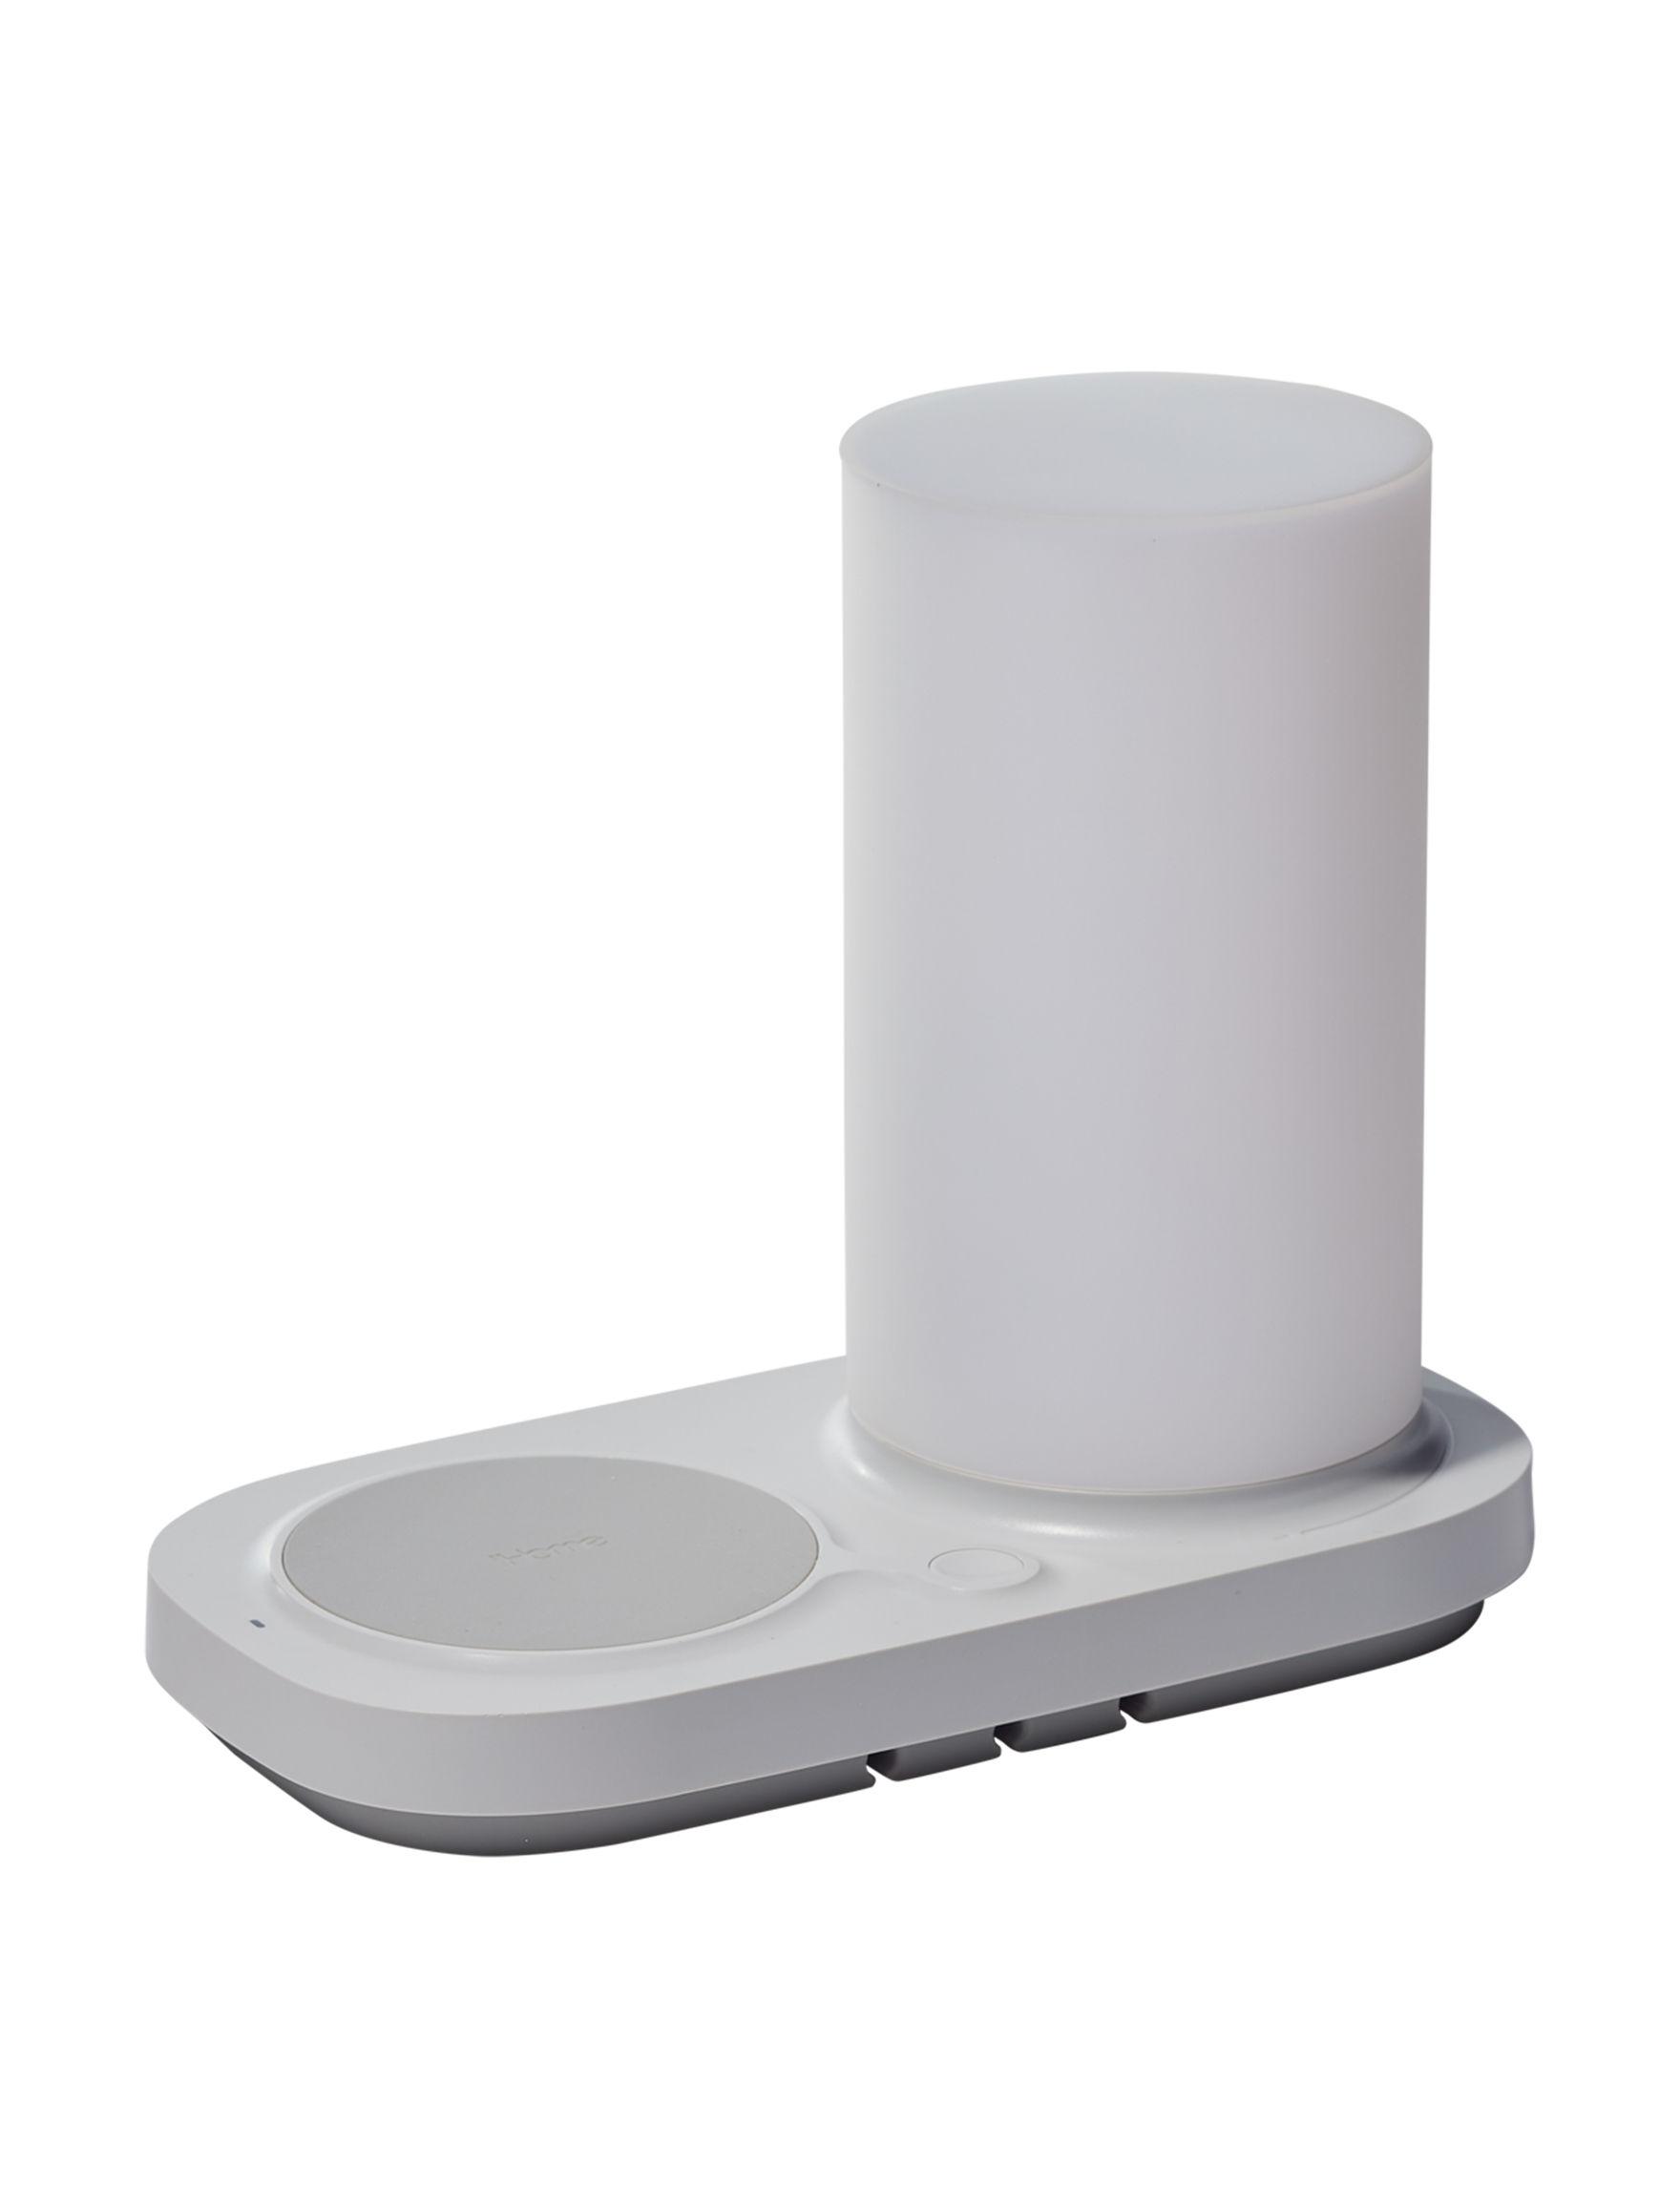 iHome White Tech Accessories